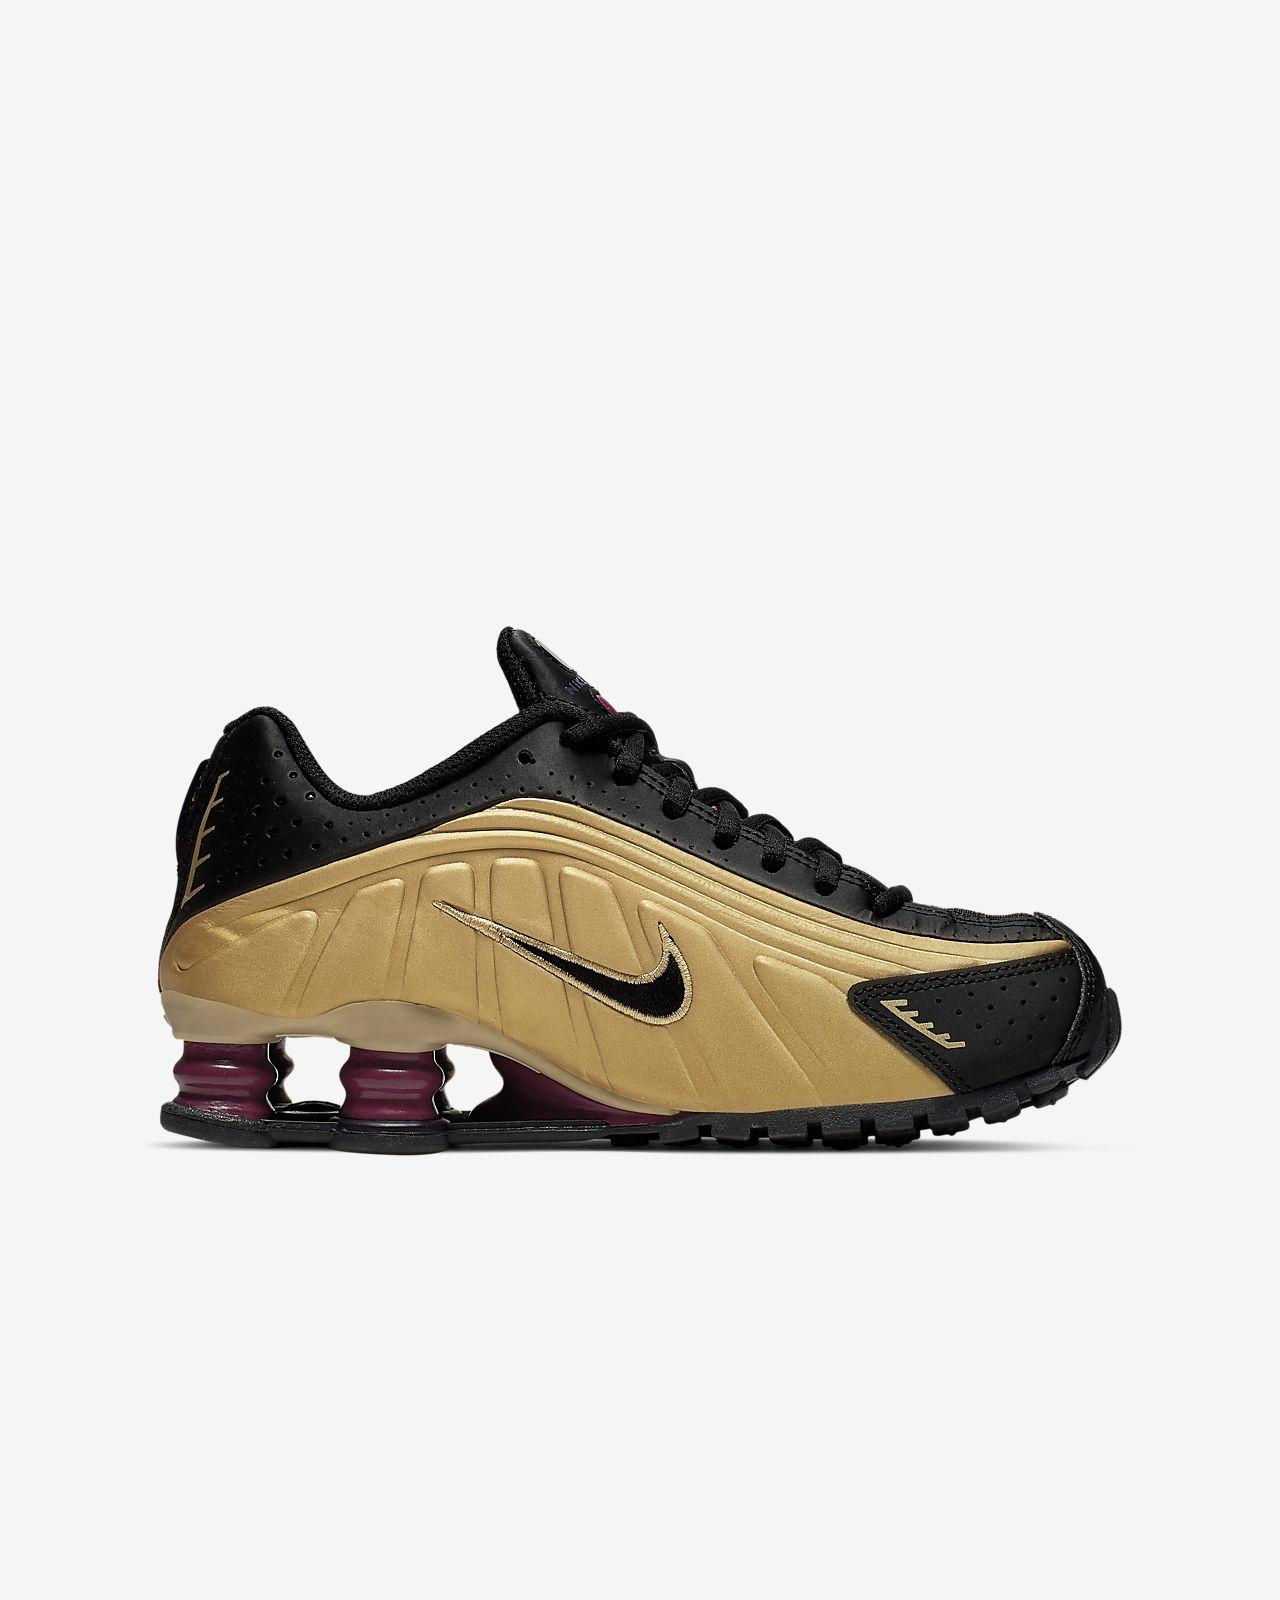 Sapatilhas Nike Shox R4 Júnior